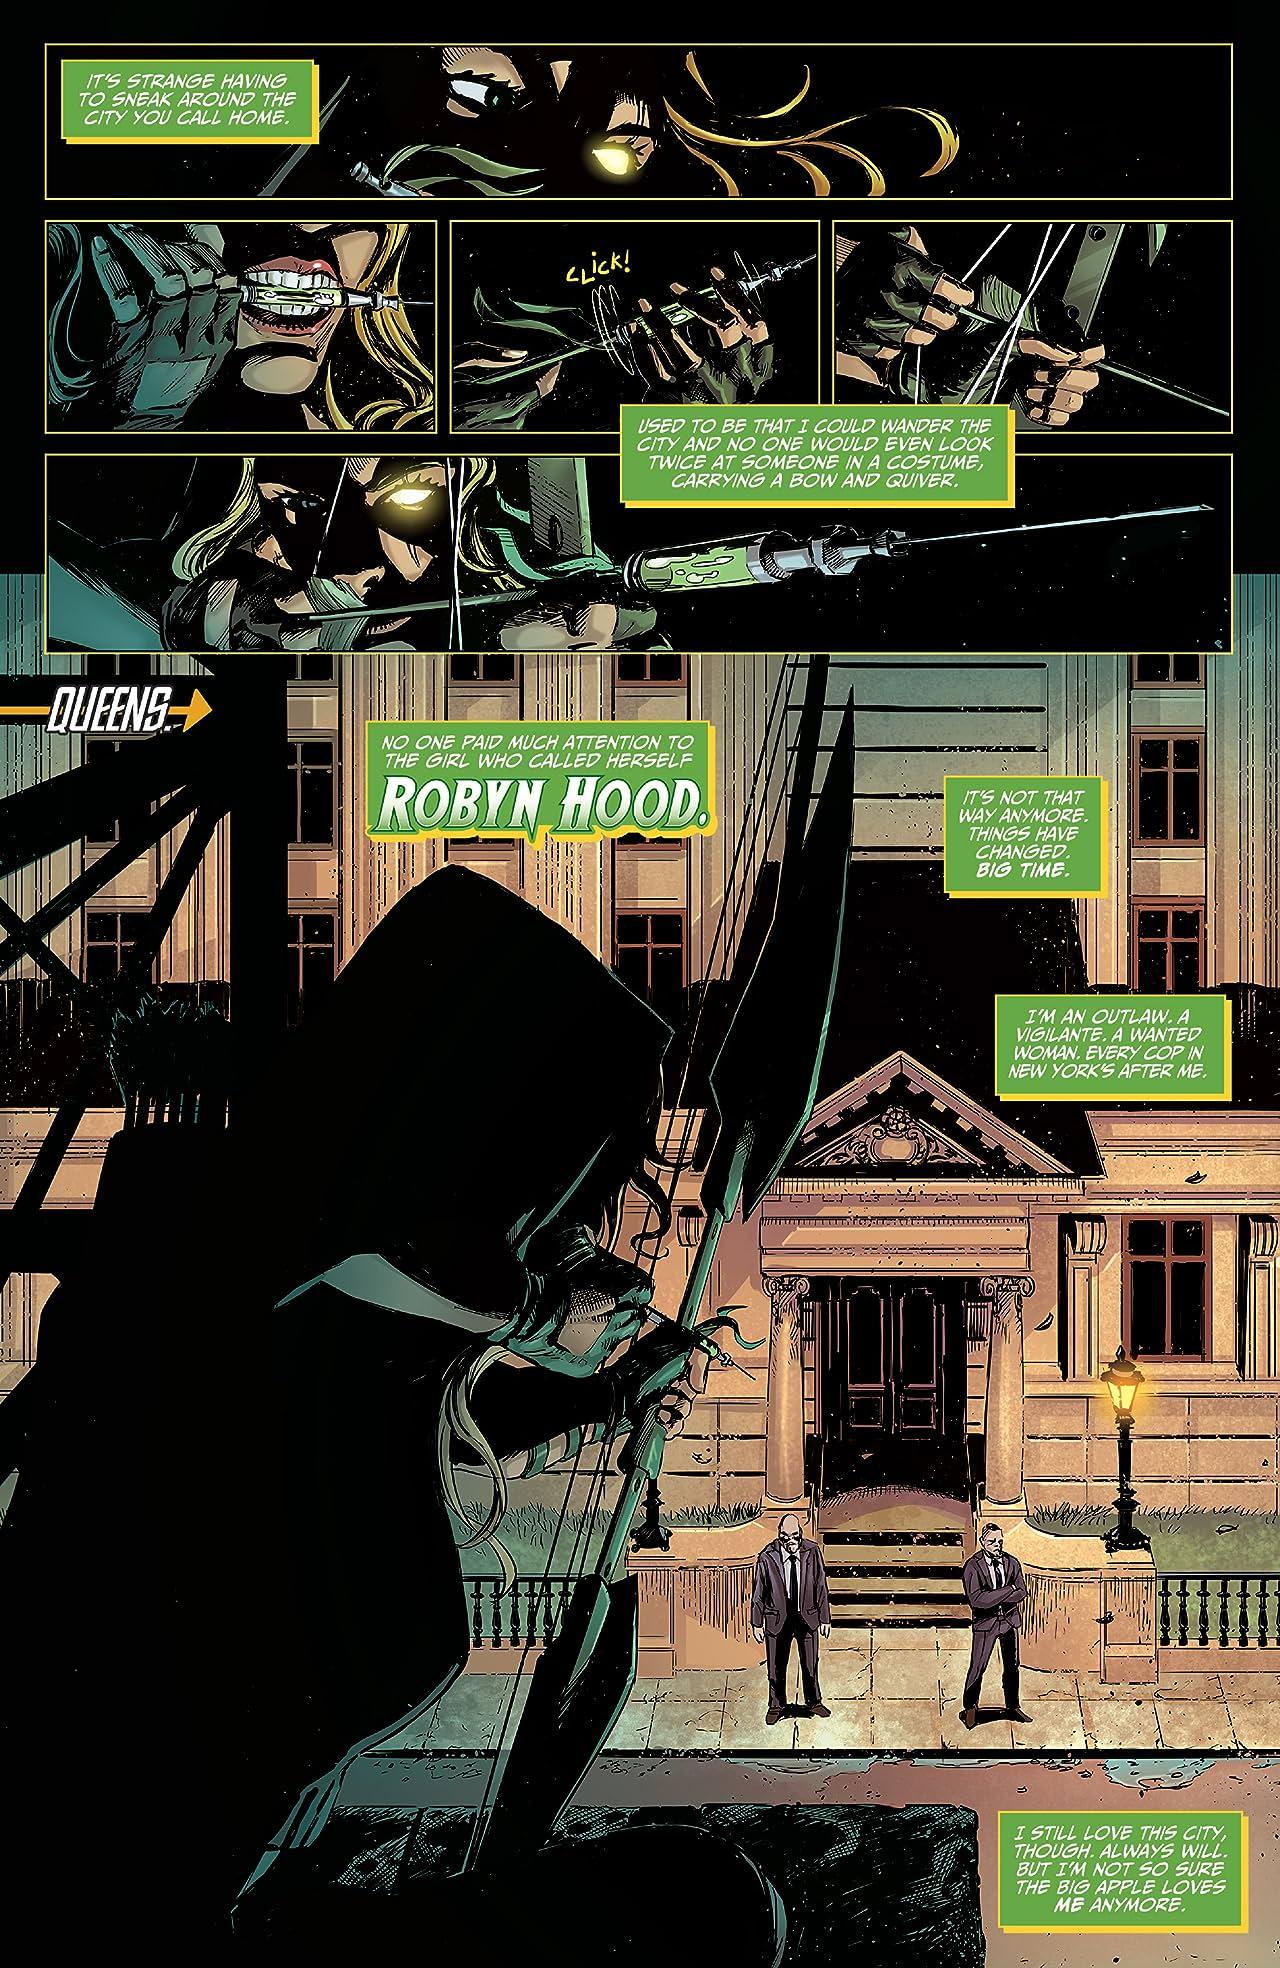 Robyn Hood #1: Vigilante